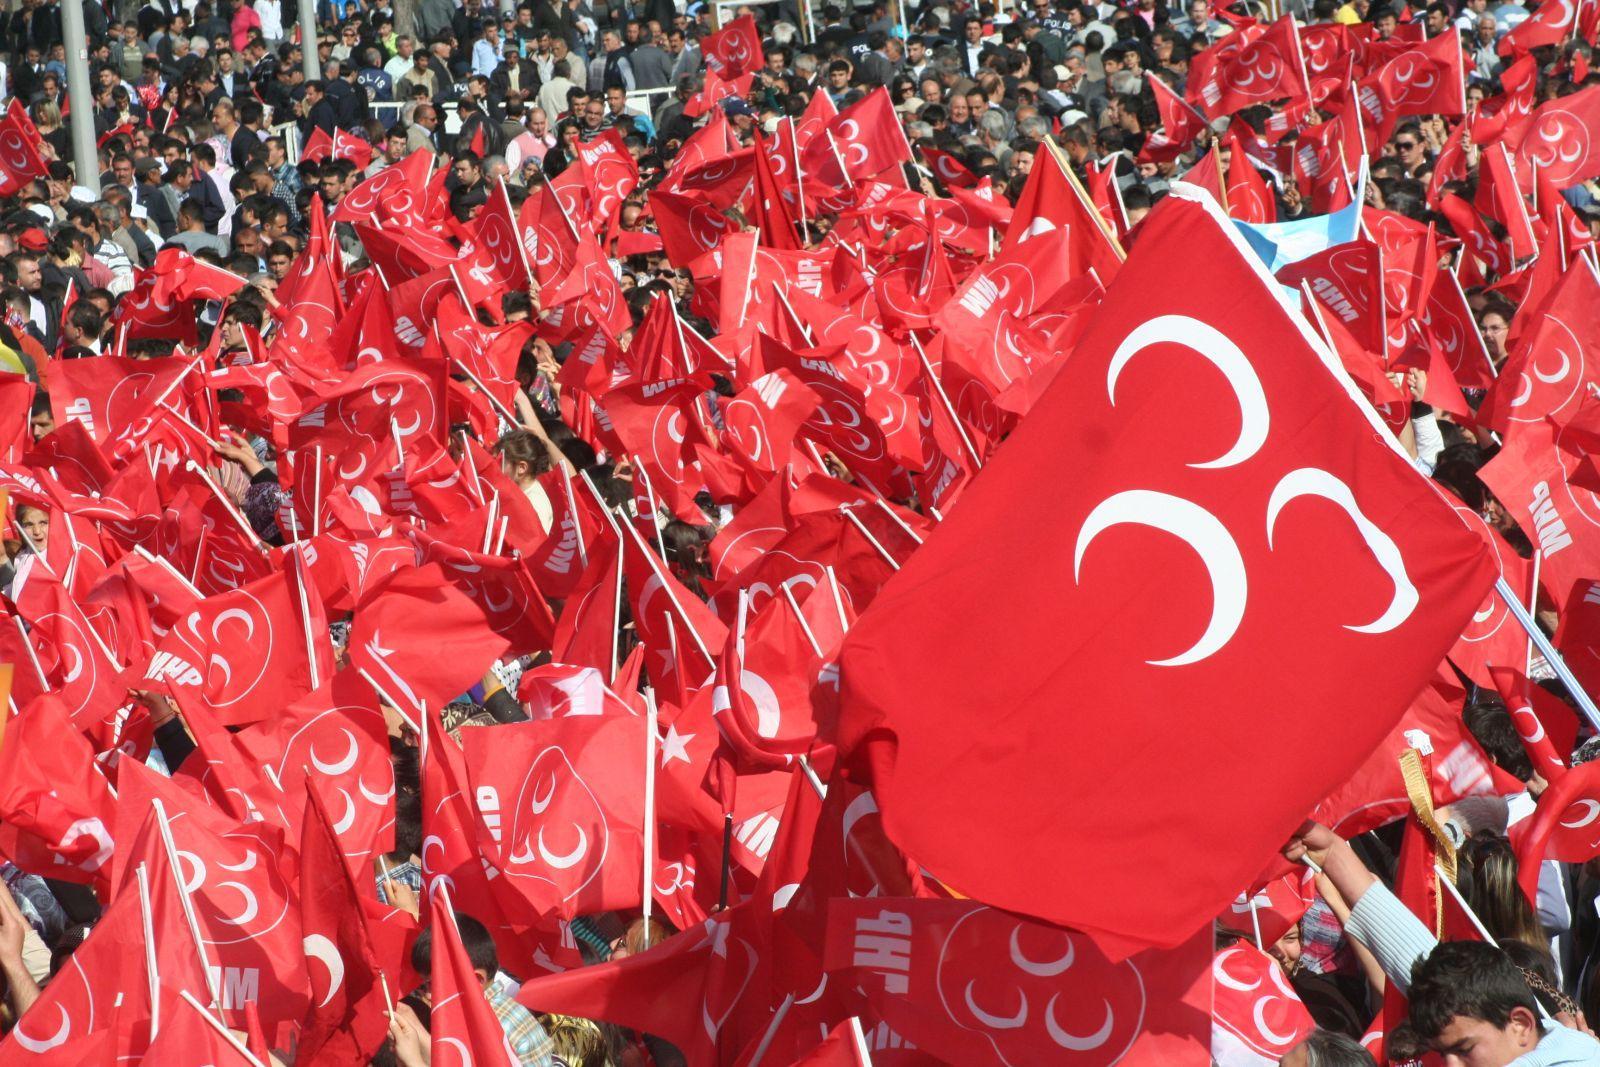 Milliyetçi Hareket Partisi, Bahşılı ve Balışeyh Belediye Başkan adaylarını açıkladı. MHP daha önce Kırıkkale merkez ve Yahşihan adayını açıklamıştı.